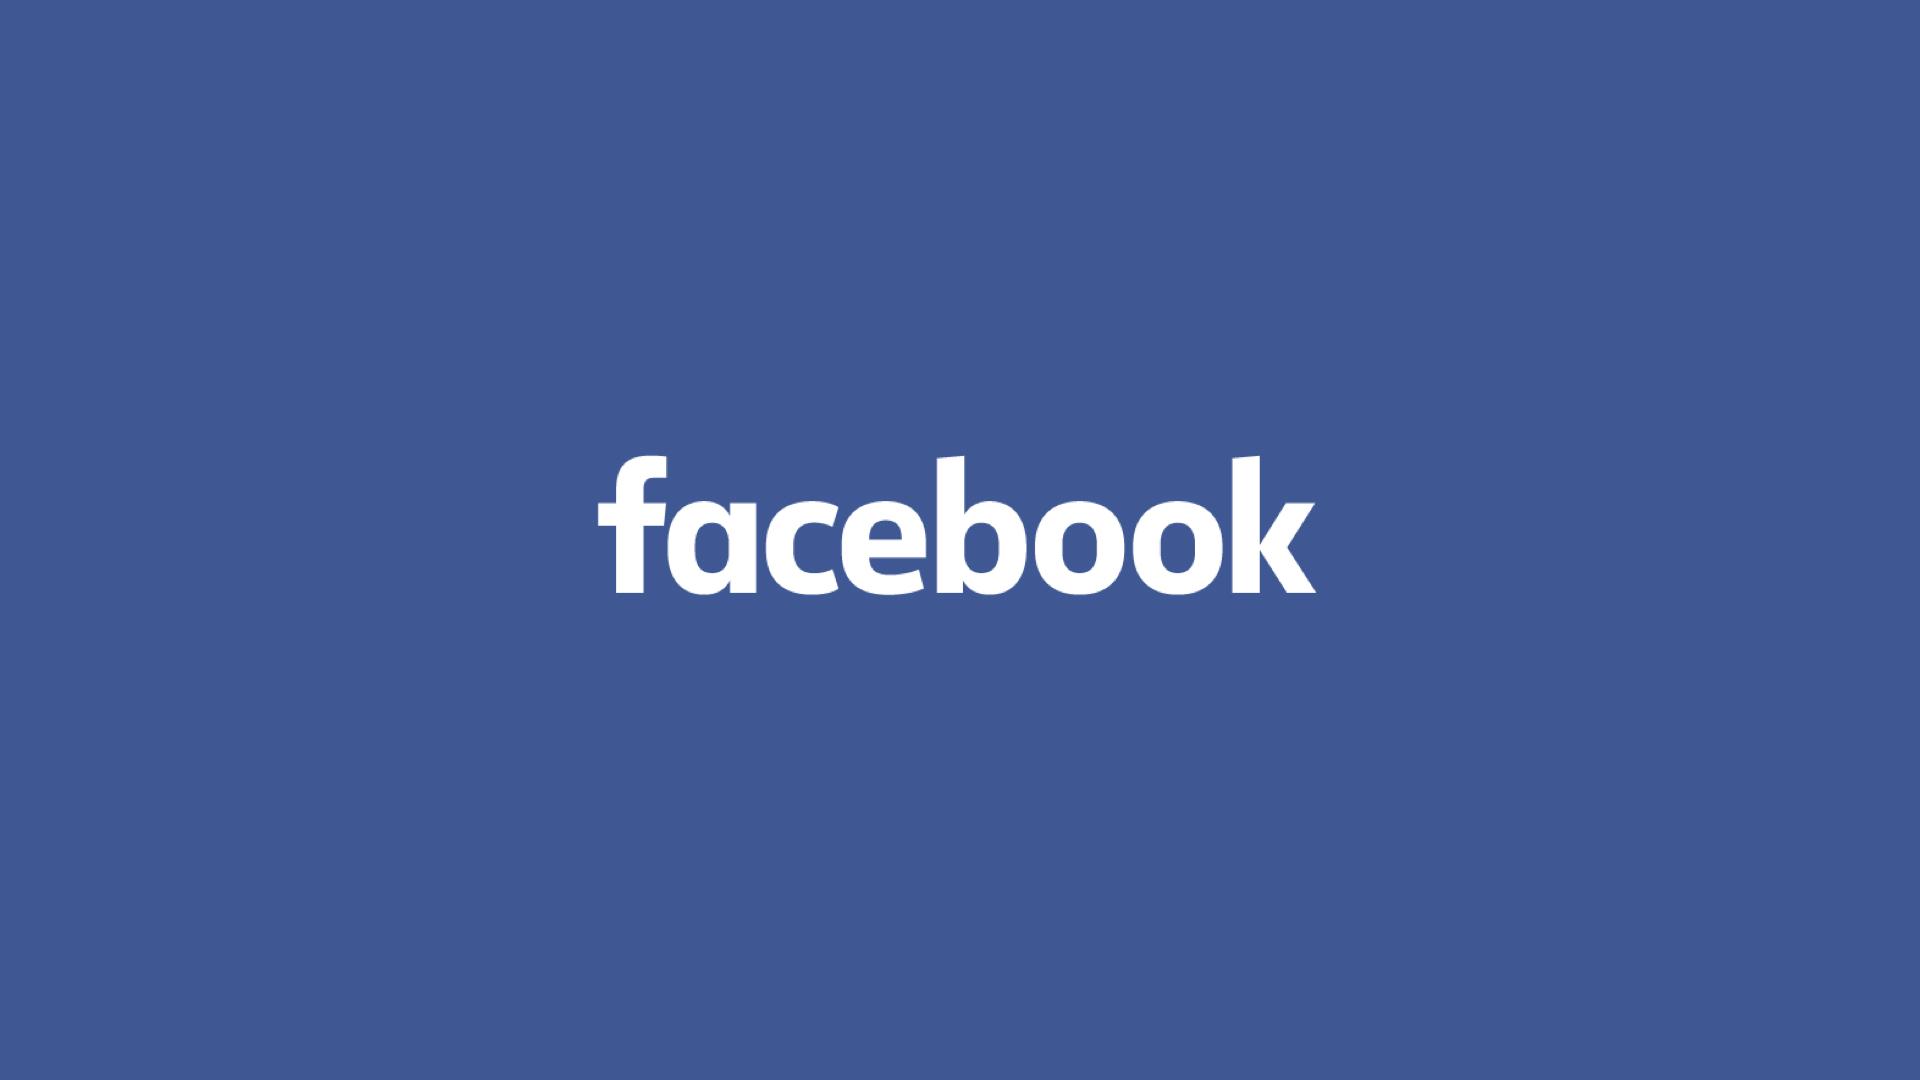 font chữ của Facebook là gì